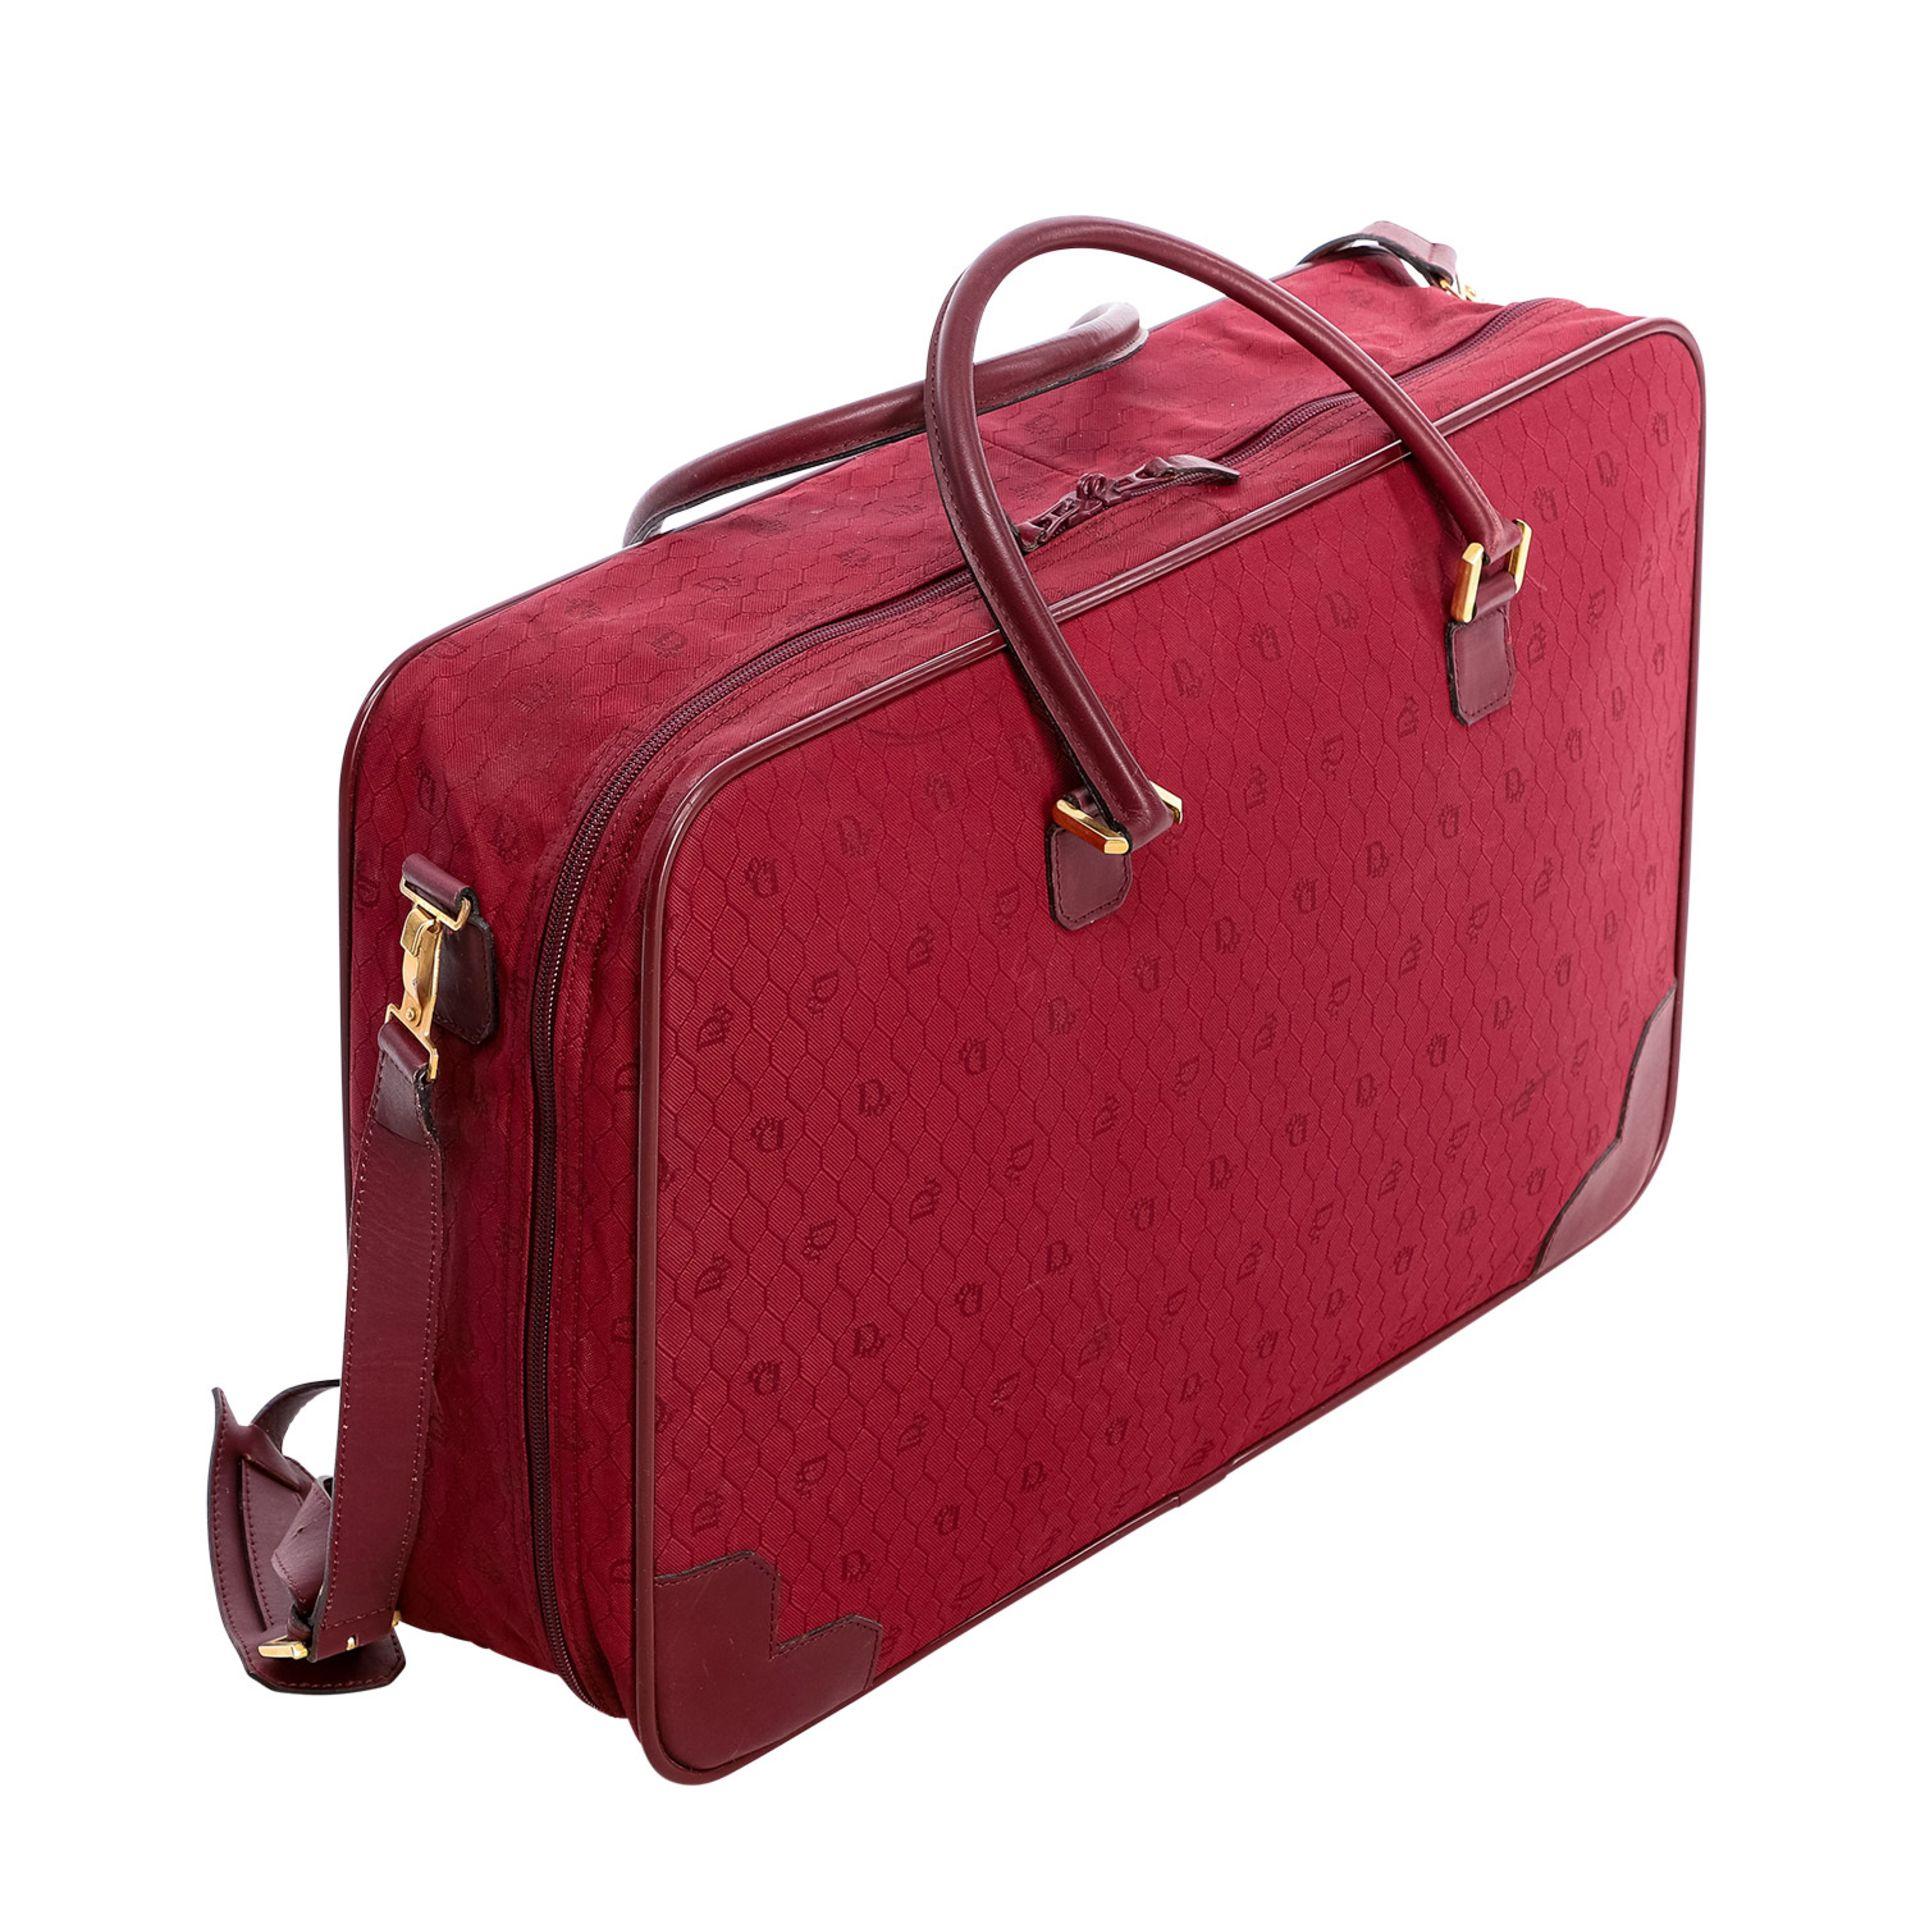 CHRISTIAN DIOR VINTAGE Koffer. - Bild 2 aus 6